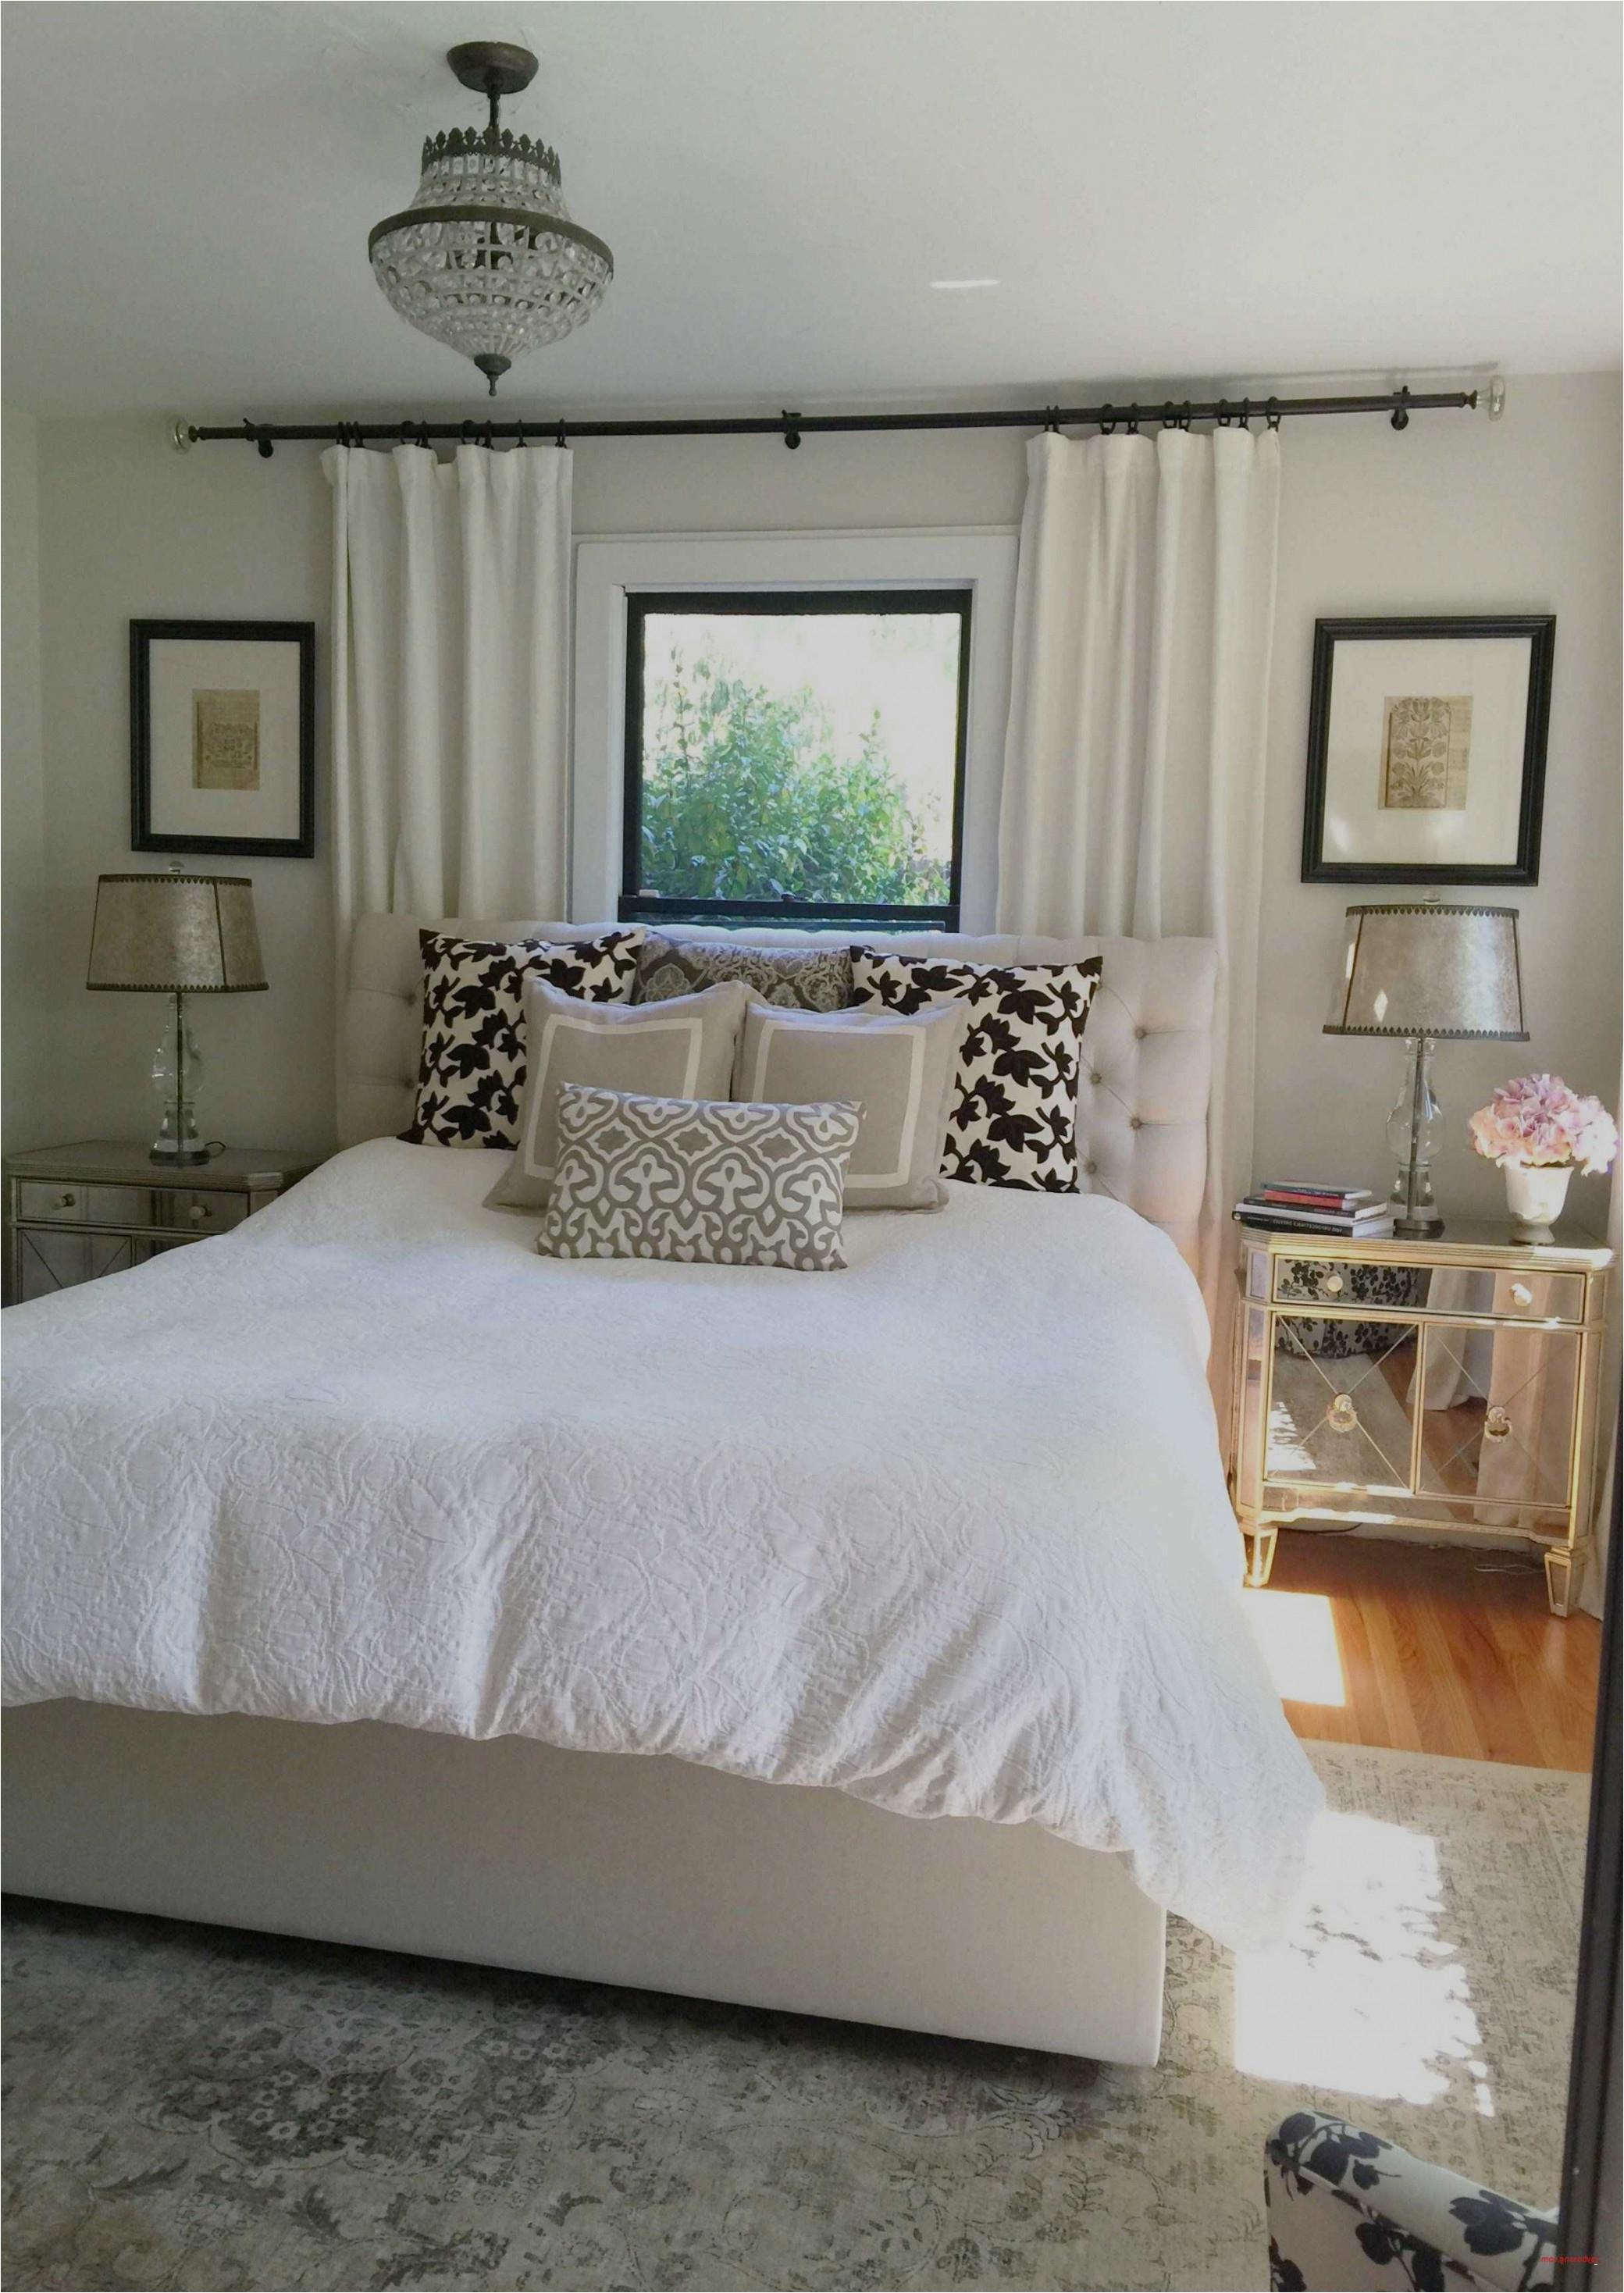 Bedroom Furniture Sets Queen Pretty Bedroom Sets Queen and King Bedroom Set Beautiful Brown